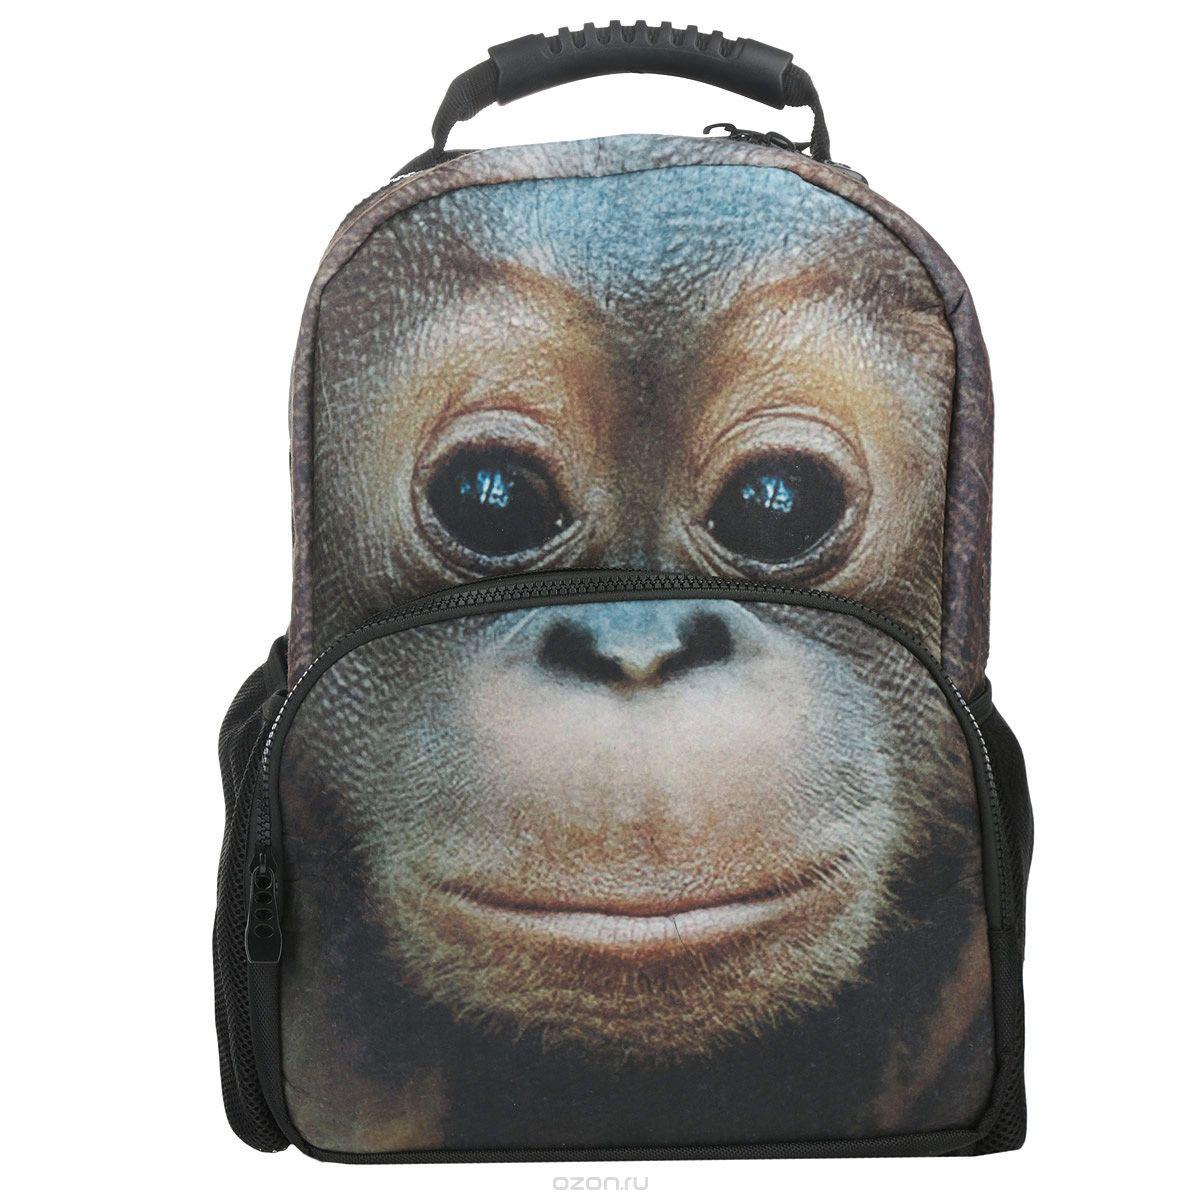 Рюкзак подростковый Hatber Trend Line Orangutan, цвет: черныйNR_00064Рюкзак подростковый Hatber Trend Line Orangutan выполнен из плотного флиса с изображением орангутанга. Содержит одно вместительное отделение, закрывающееся на застежку-молнию с двумя бегунками. На лицевой части рюкзак дополнен накладным карманом на молнии, внутри которого накладной карман, закрывающийся на липучку. По бокам ранца имеются открытые накладные карманы на резинке. Конструкция спинки дополнена эргономичными подушечками, противоскользящей сеточкой и системой вентиляции для предотвращения запотевания спины. Мягкие широкие лямки позволяют легко и быстро отрегулировать ранец в соответствии с ростом. Ранец оснащен текстильной ручкой с пластиковым уплотнителем. Этот рюкзак разработан специально для людей экстравагантных и модных, любящих быть в центре внимания.